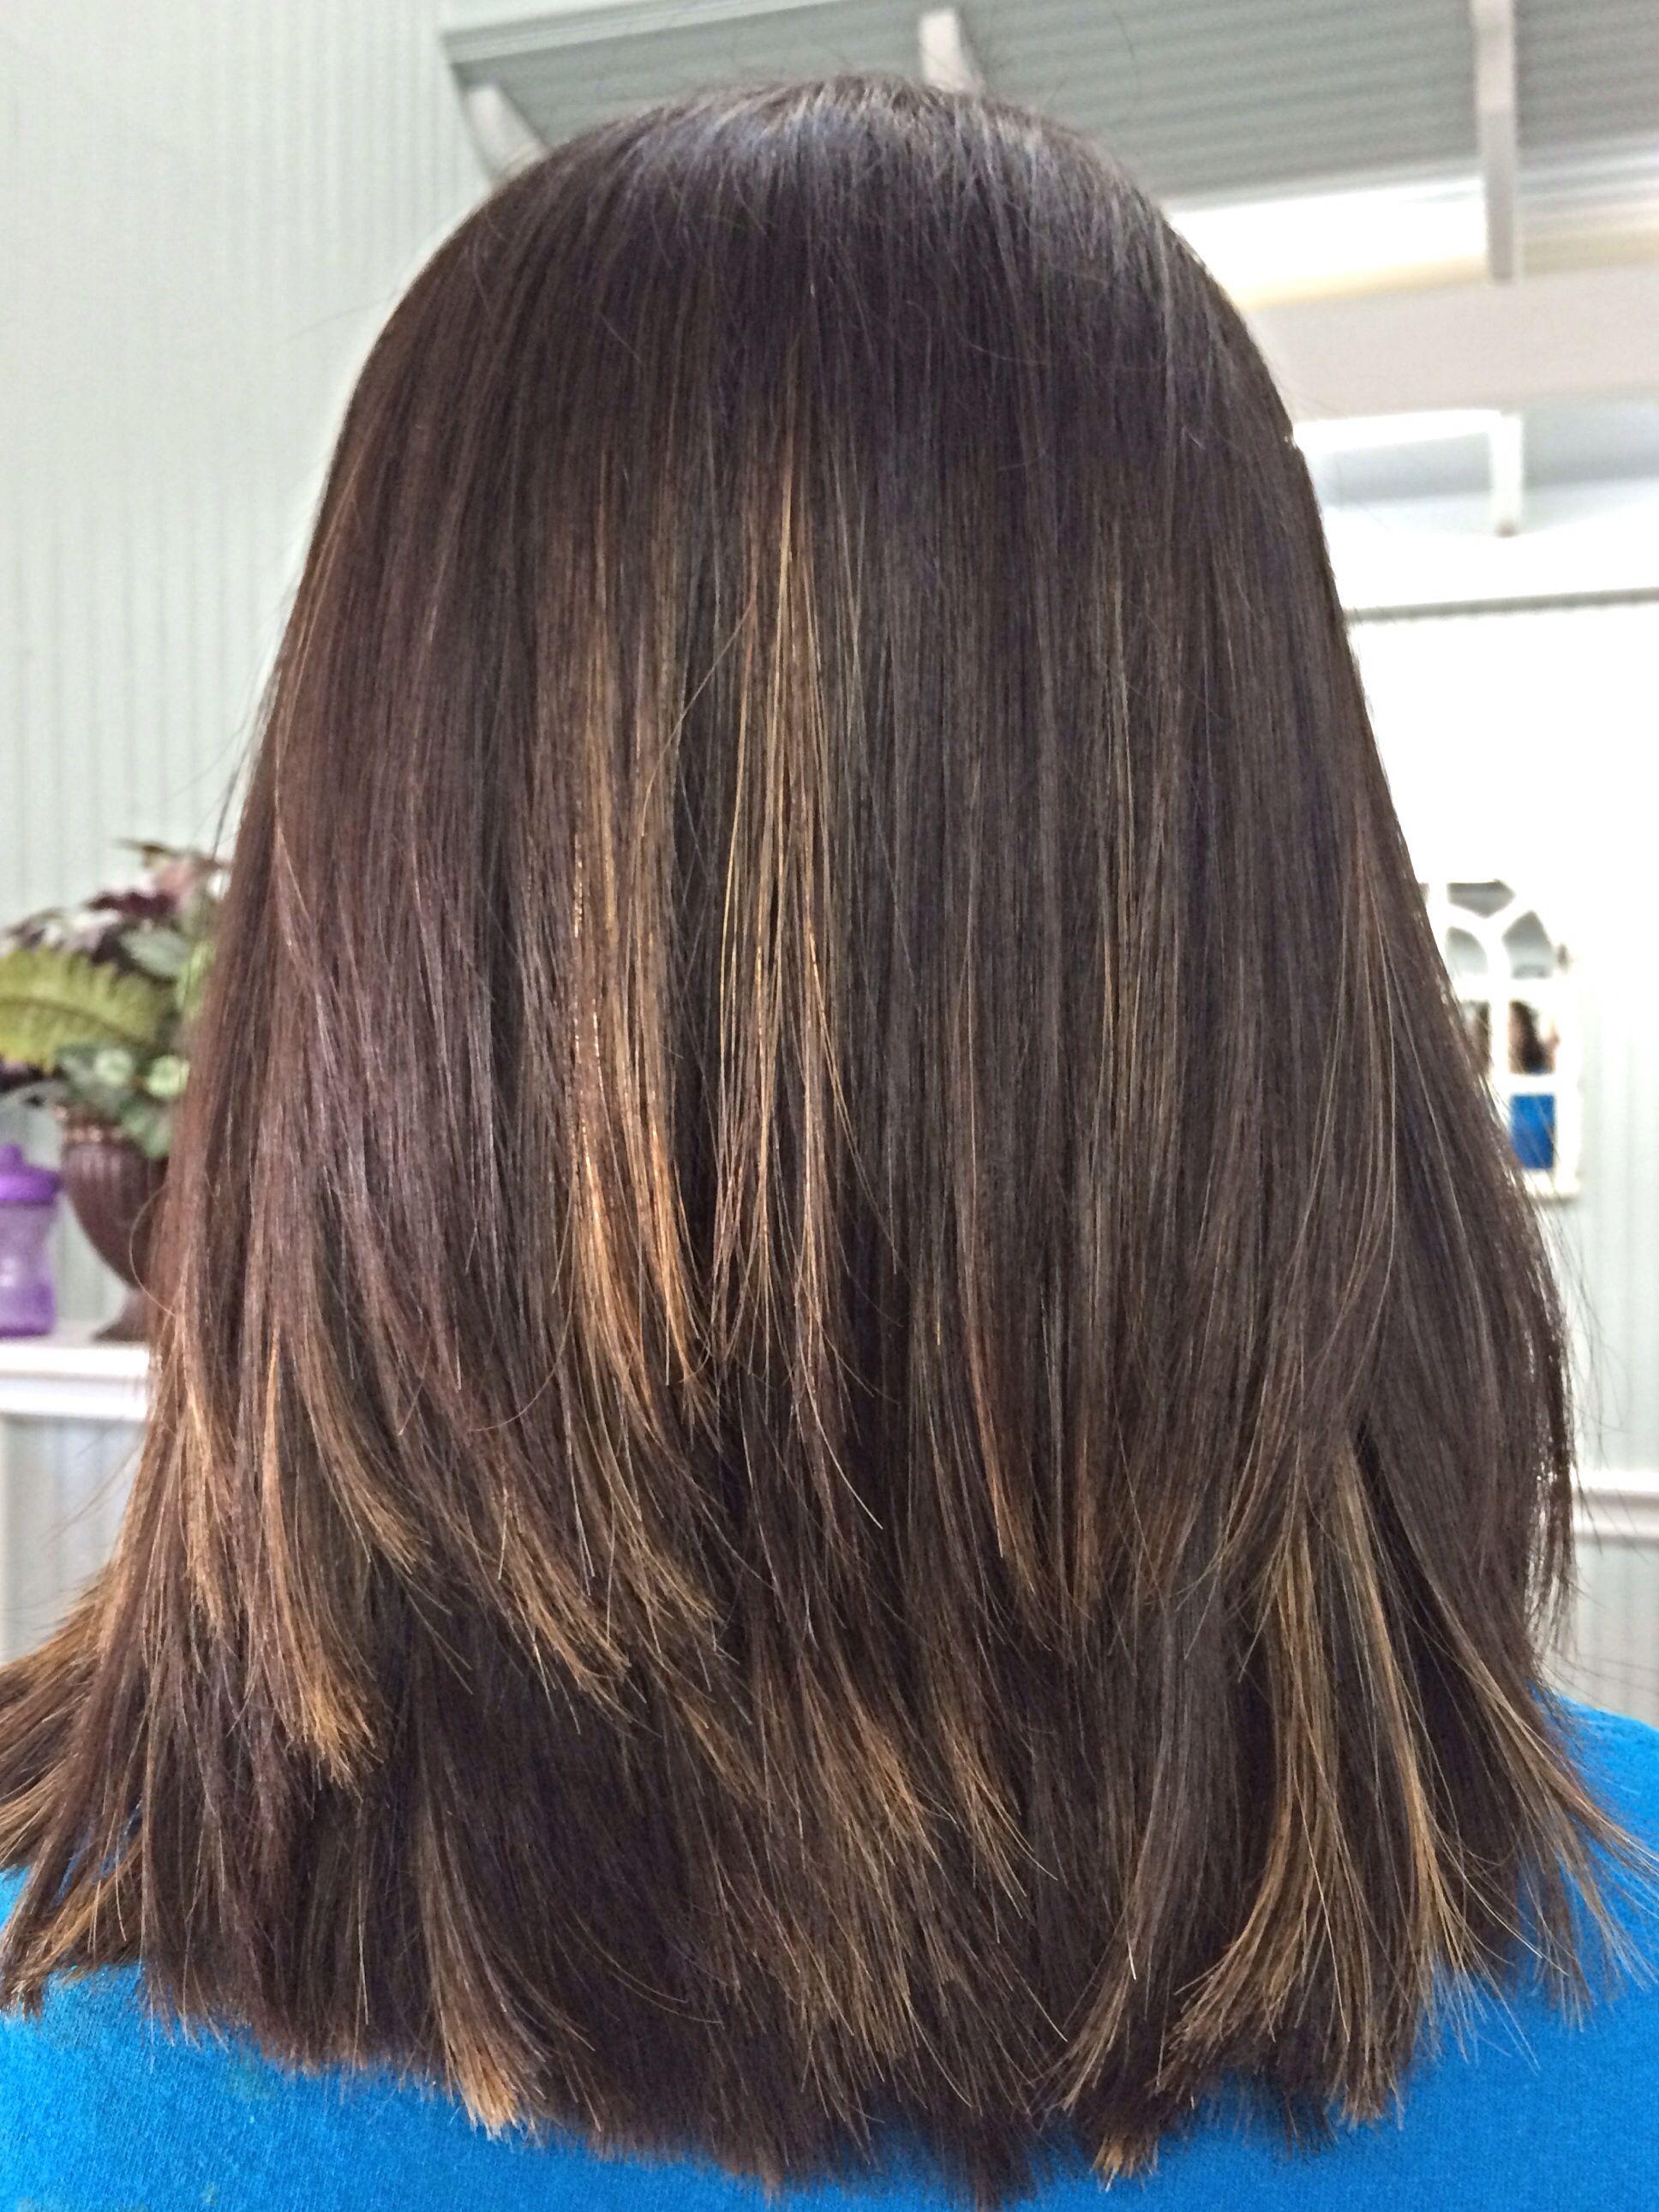 Short Hair Cut With Ombr Highlights Hair Goals Pinterest